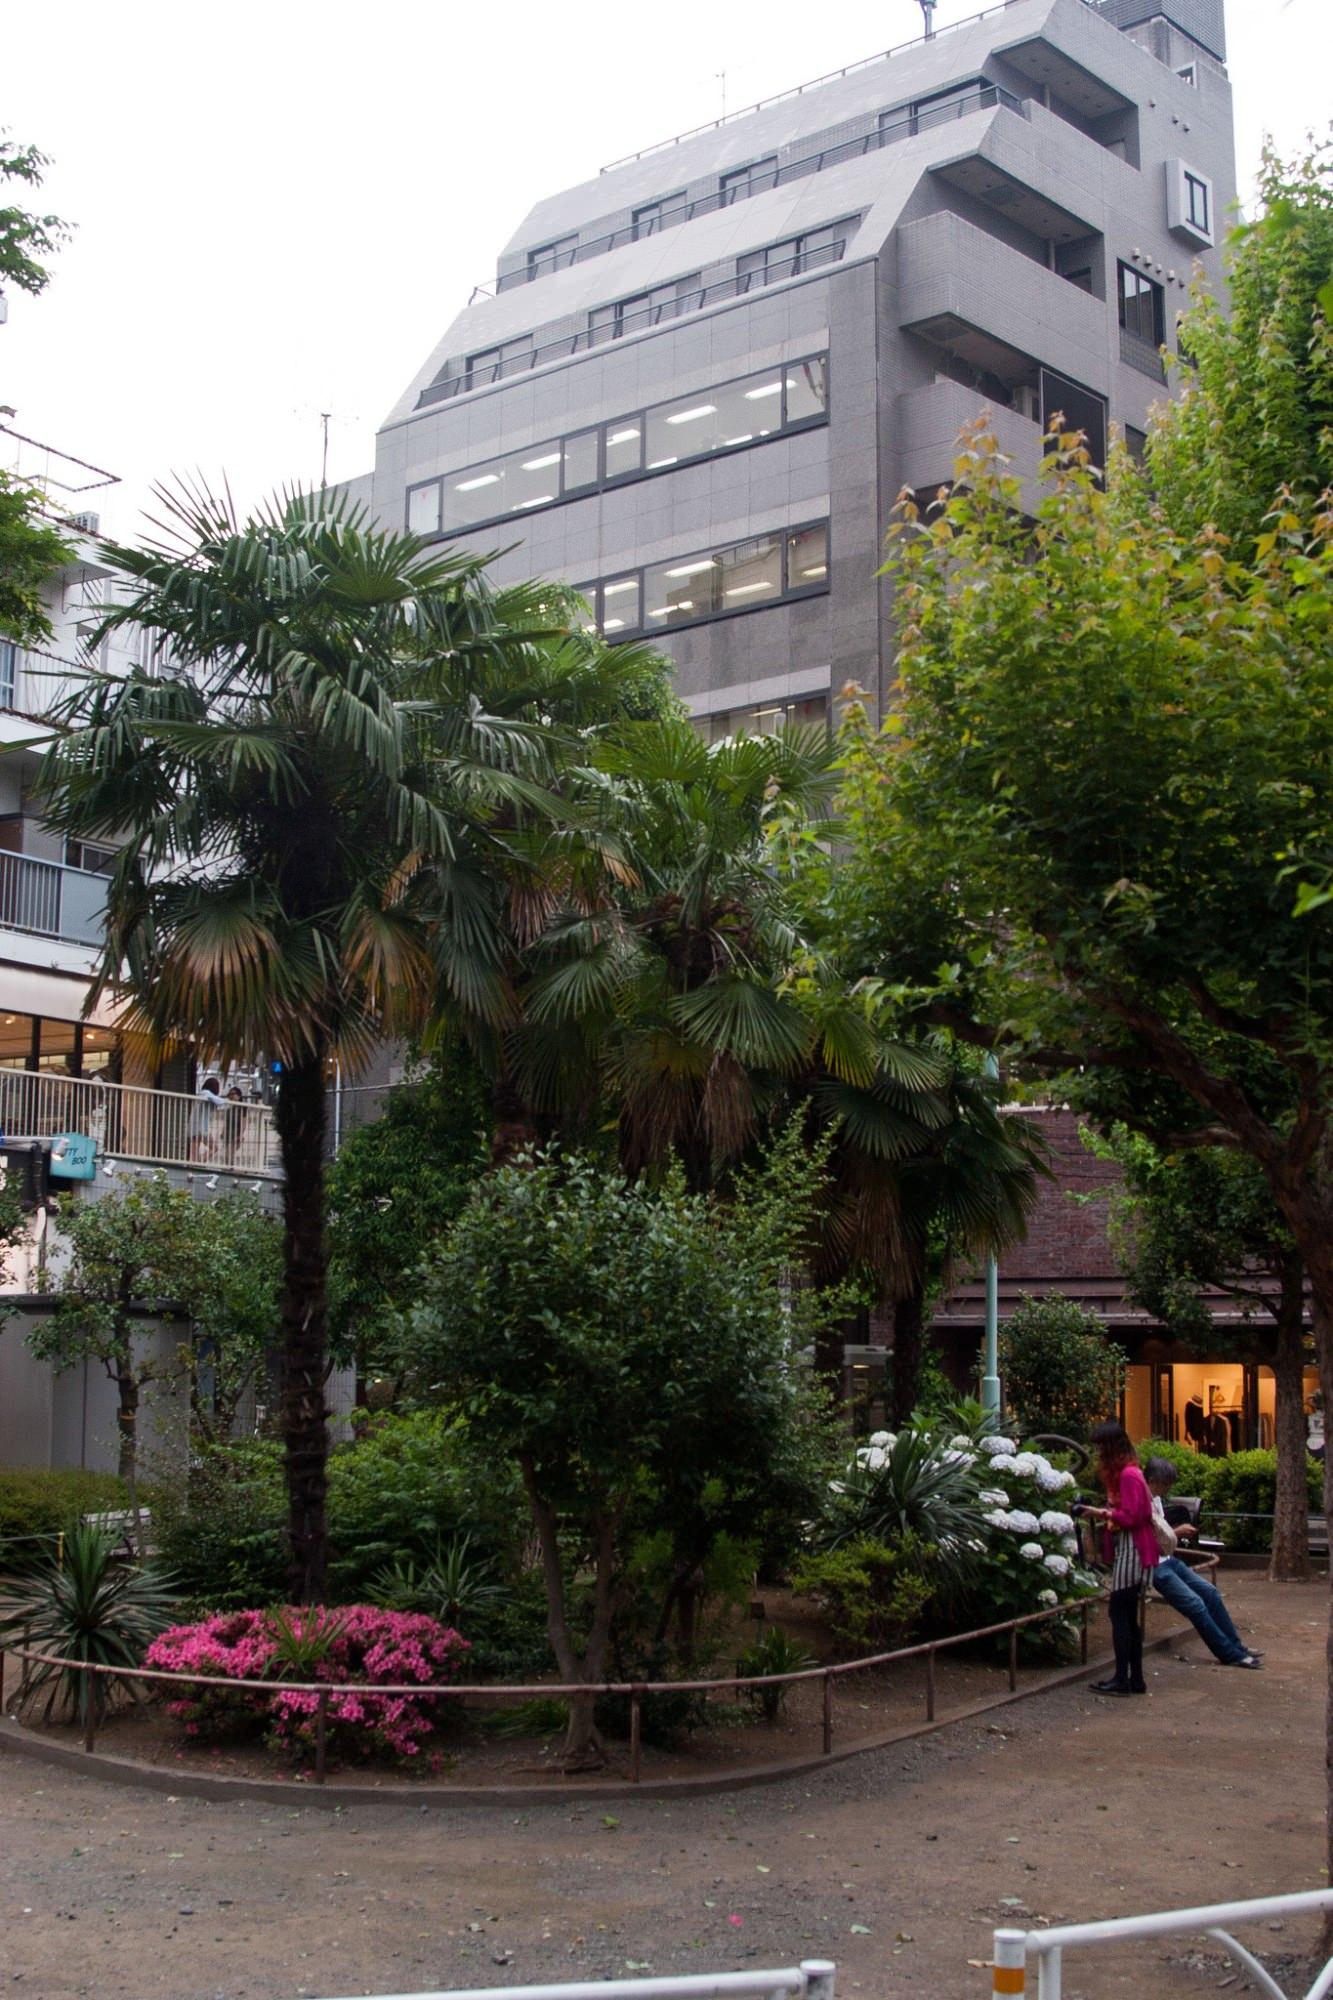 Pocket Park in Tokio Japan Taschenpark grüne Infrastruktur